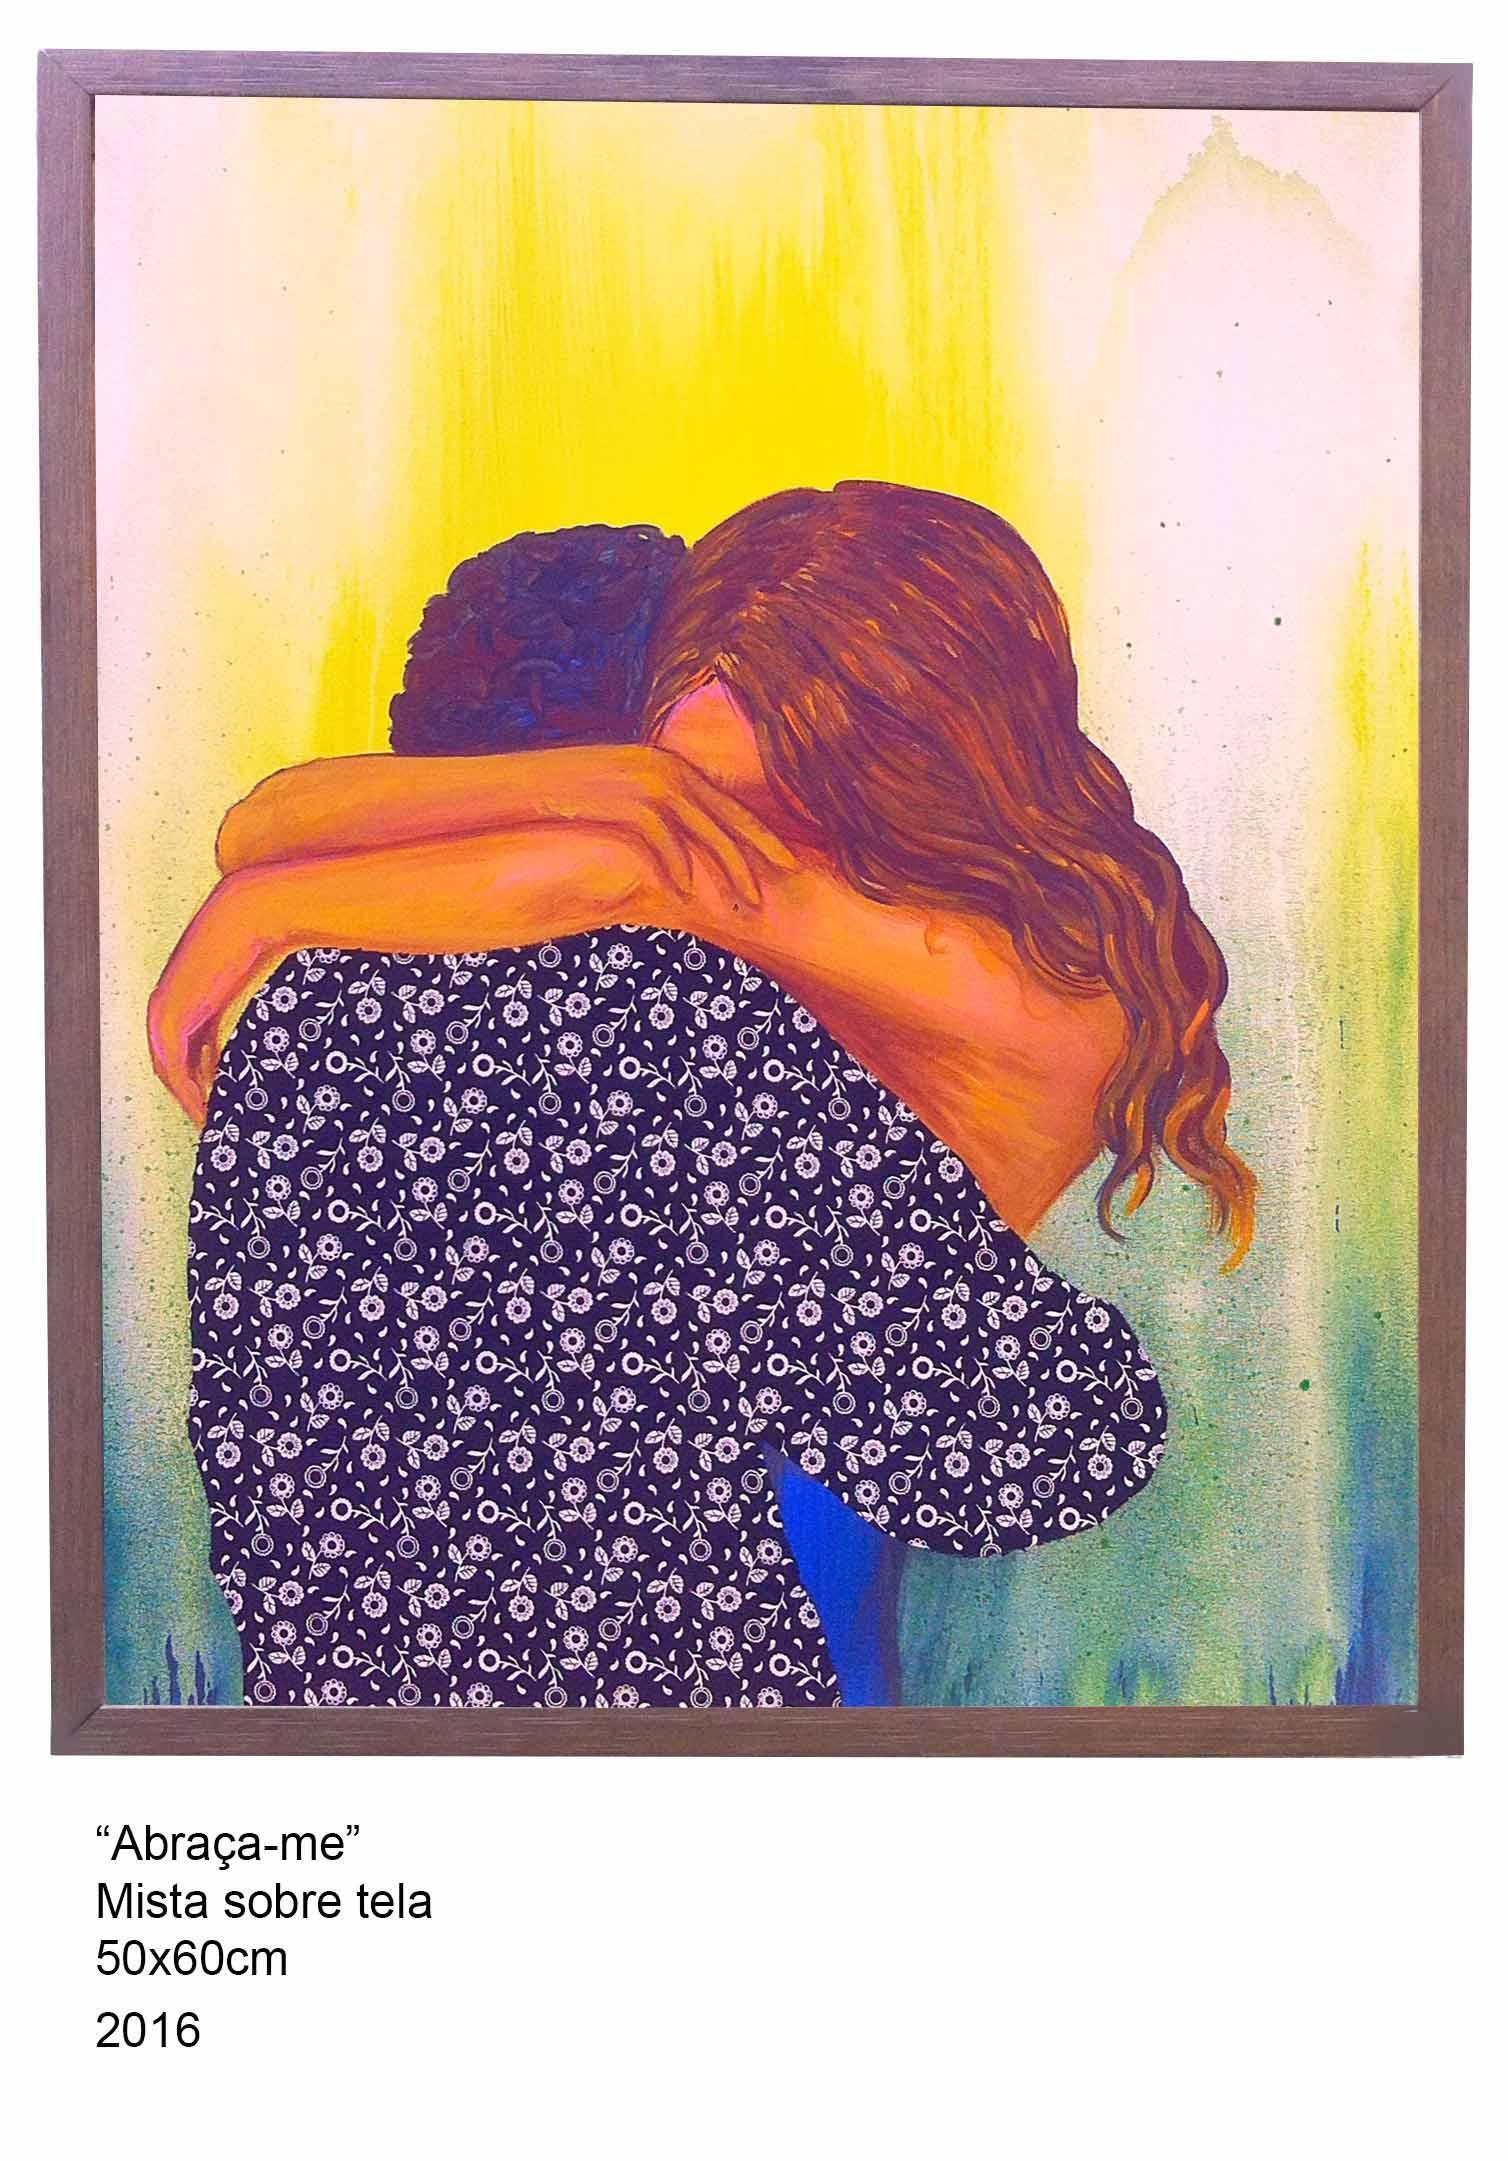 Abraça-me